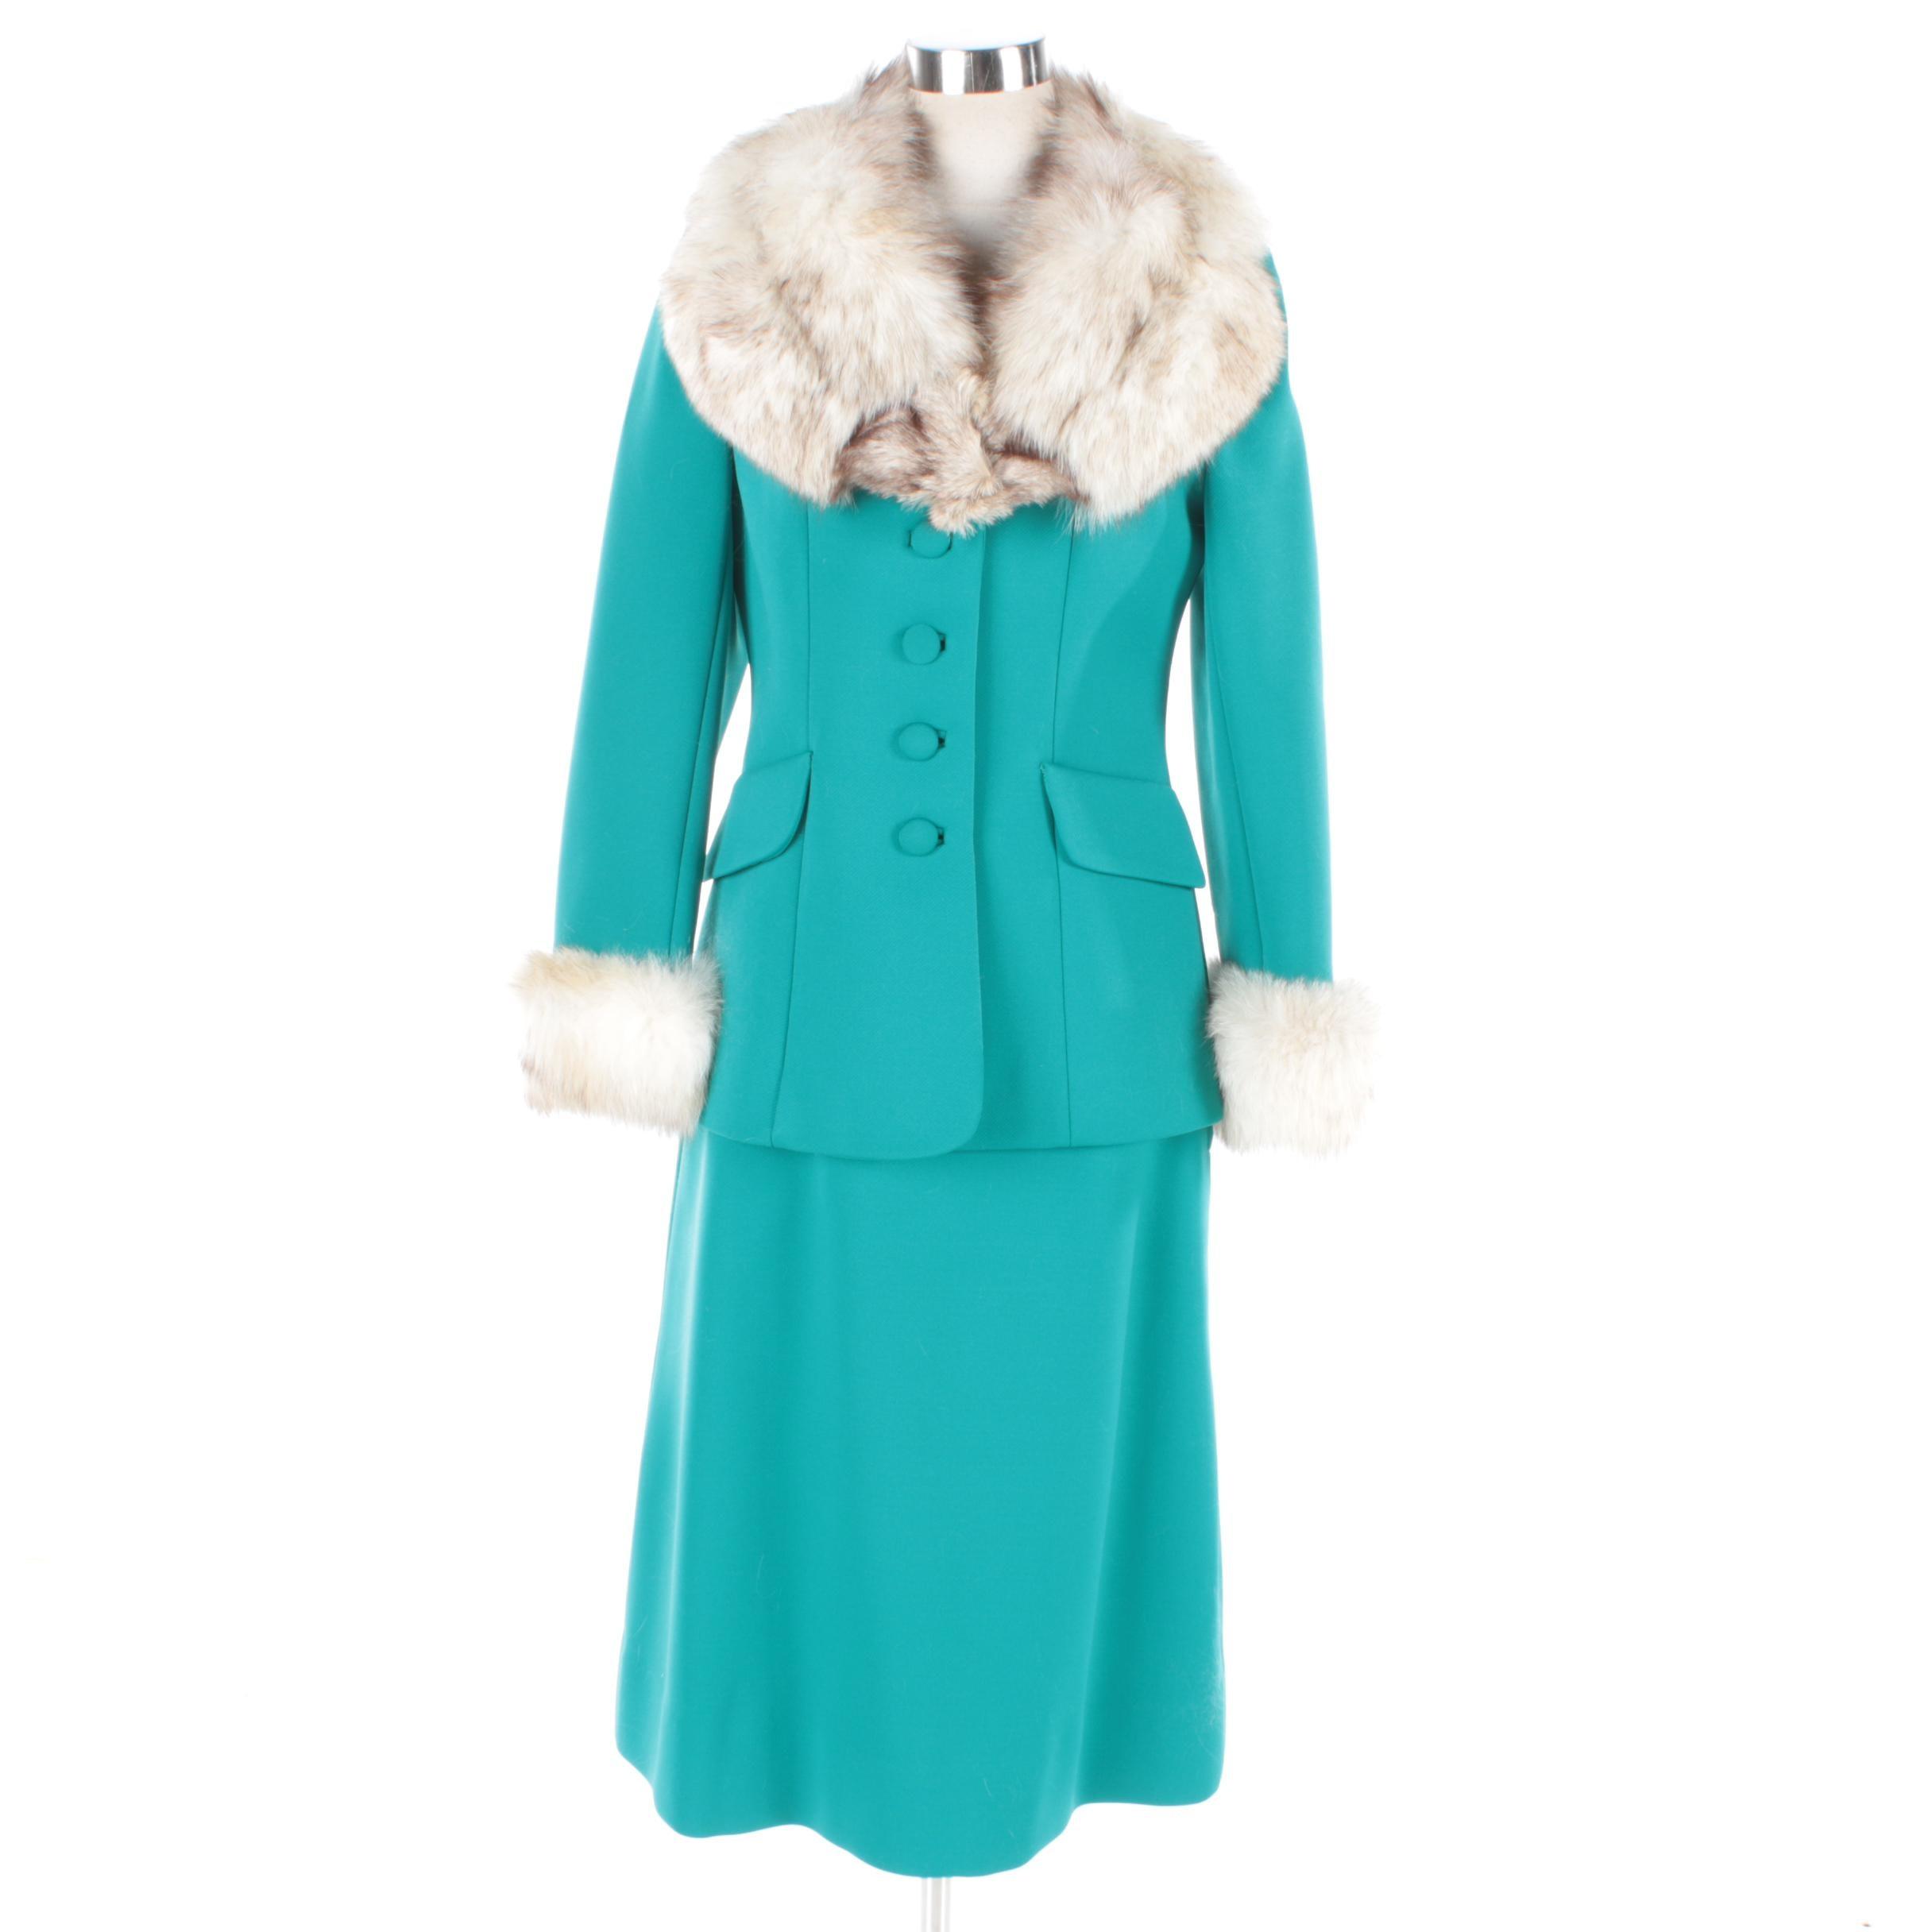 1960s Vintage Lilli Ann Knit Skirt Suit with Fox Fur Trim